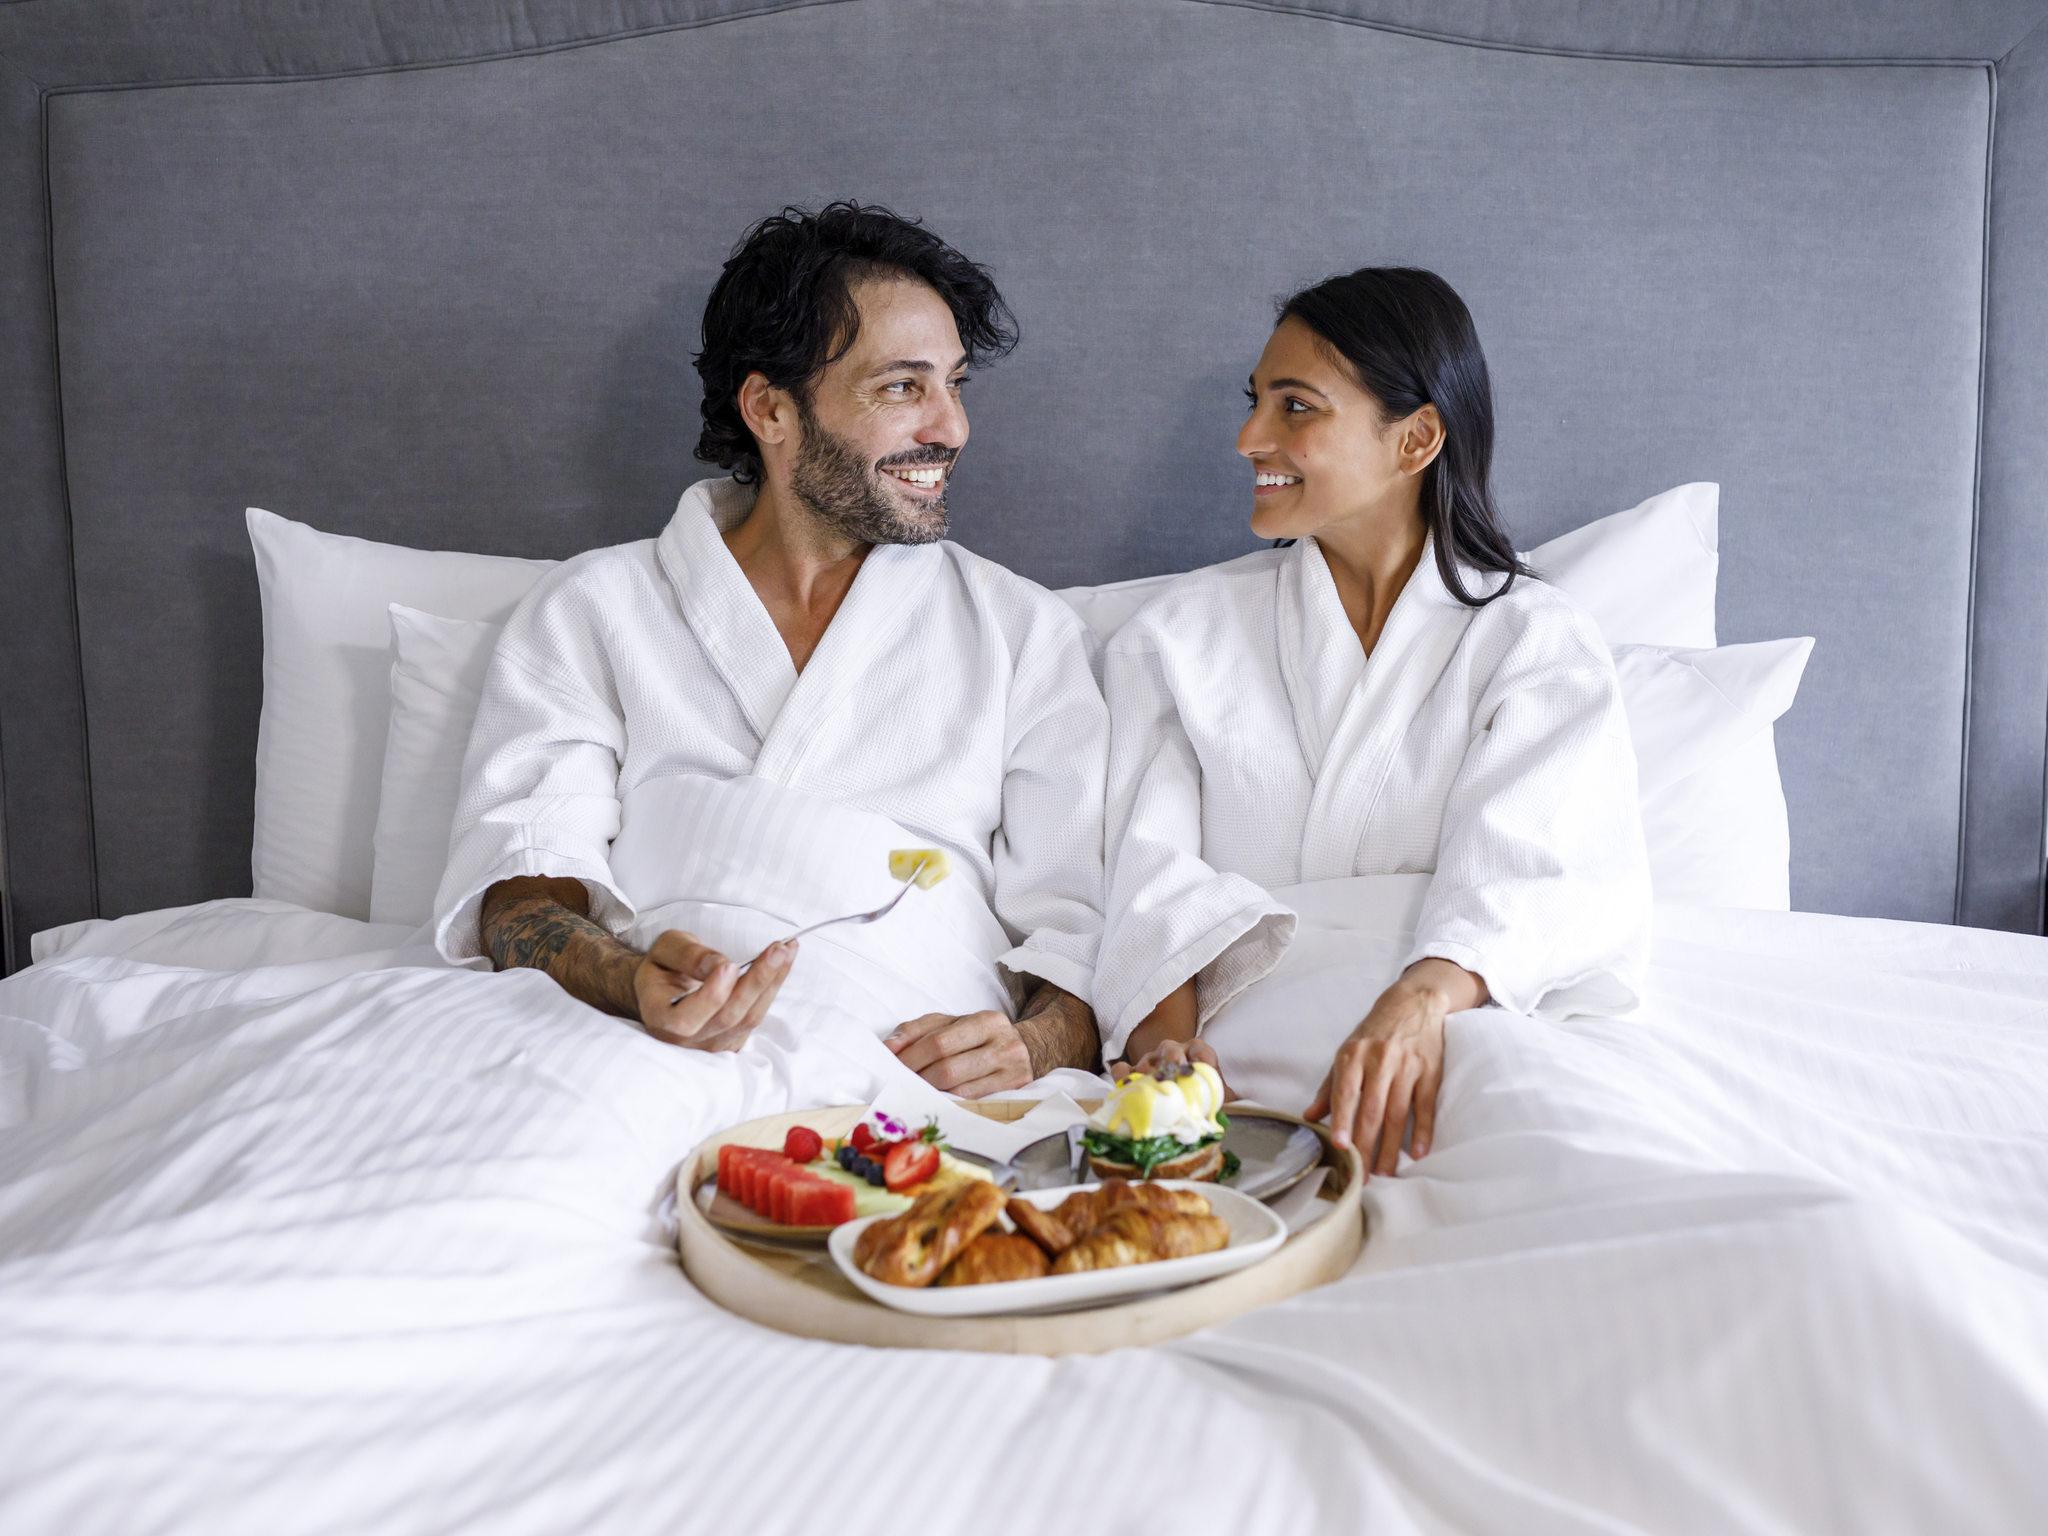 โรงแรม – พูลแมน ซิดนีย์ ไฮด์ พาร์ค